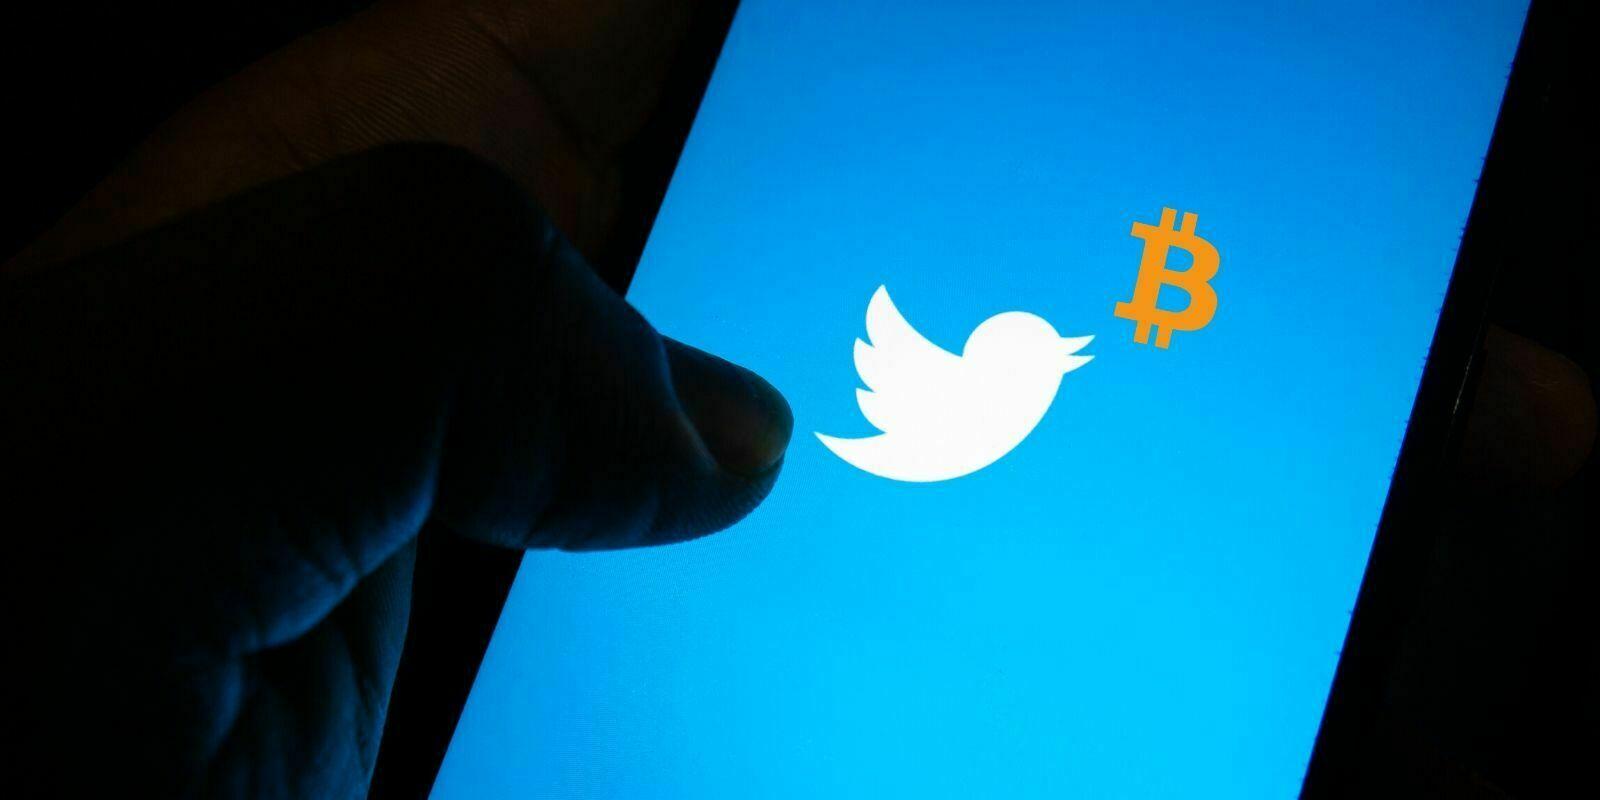 Piratage massif de Twitter : Elon Musk, Bill Gates... compromis pour une arnaque au Bitcoin